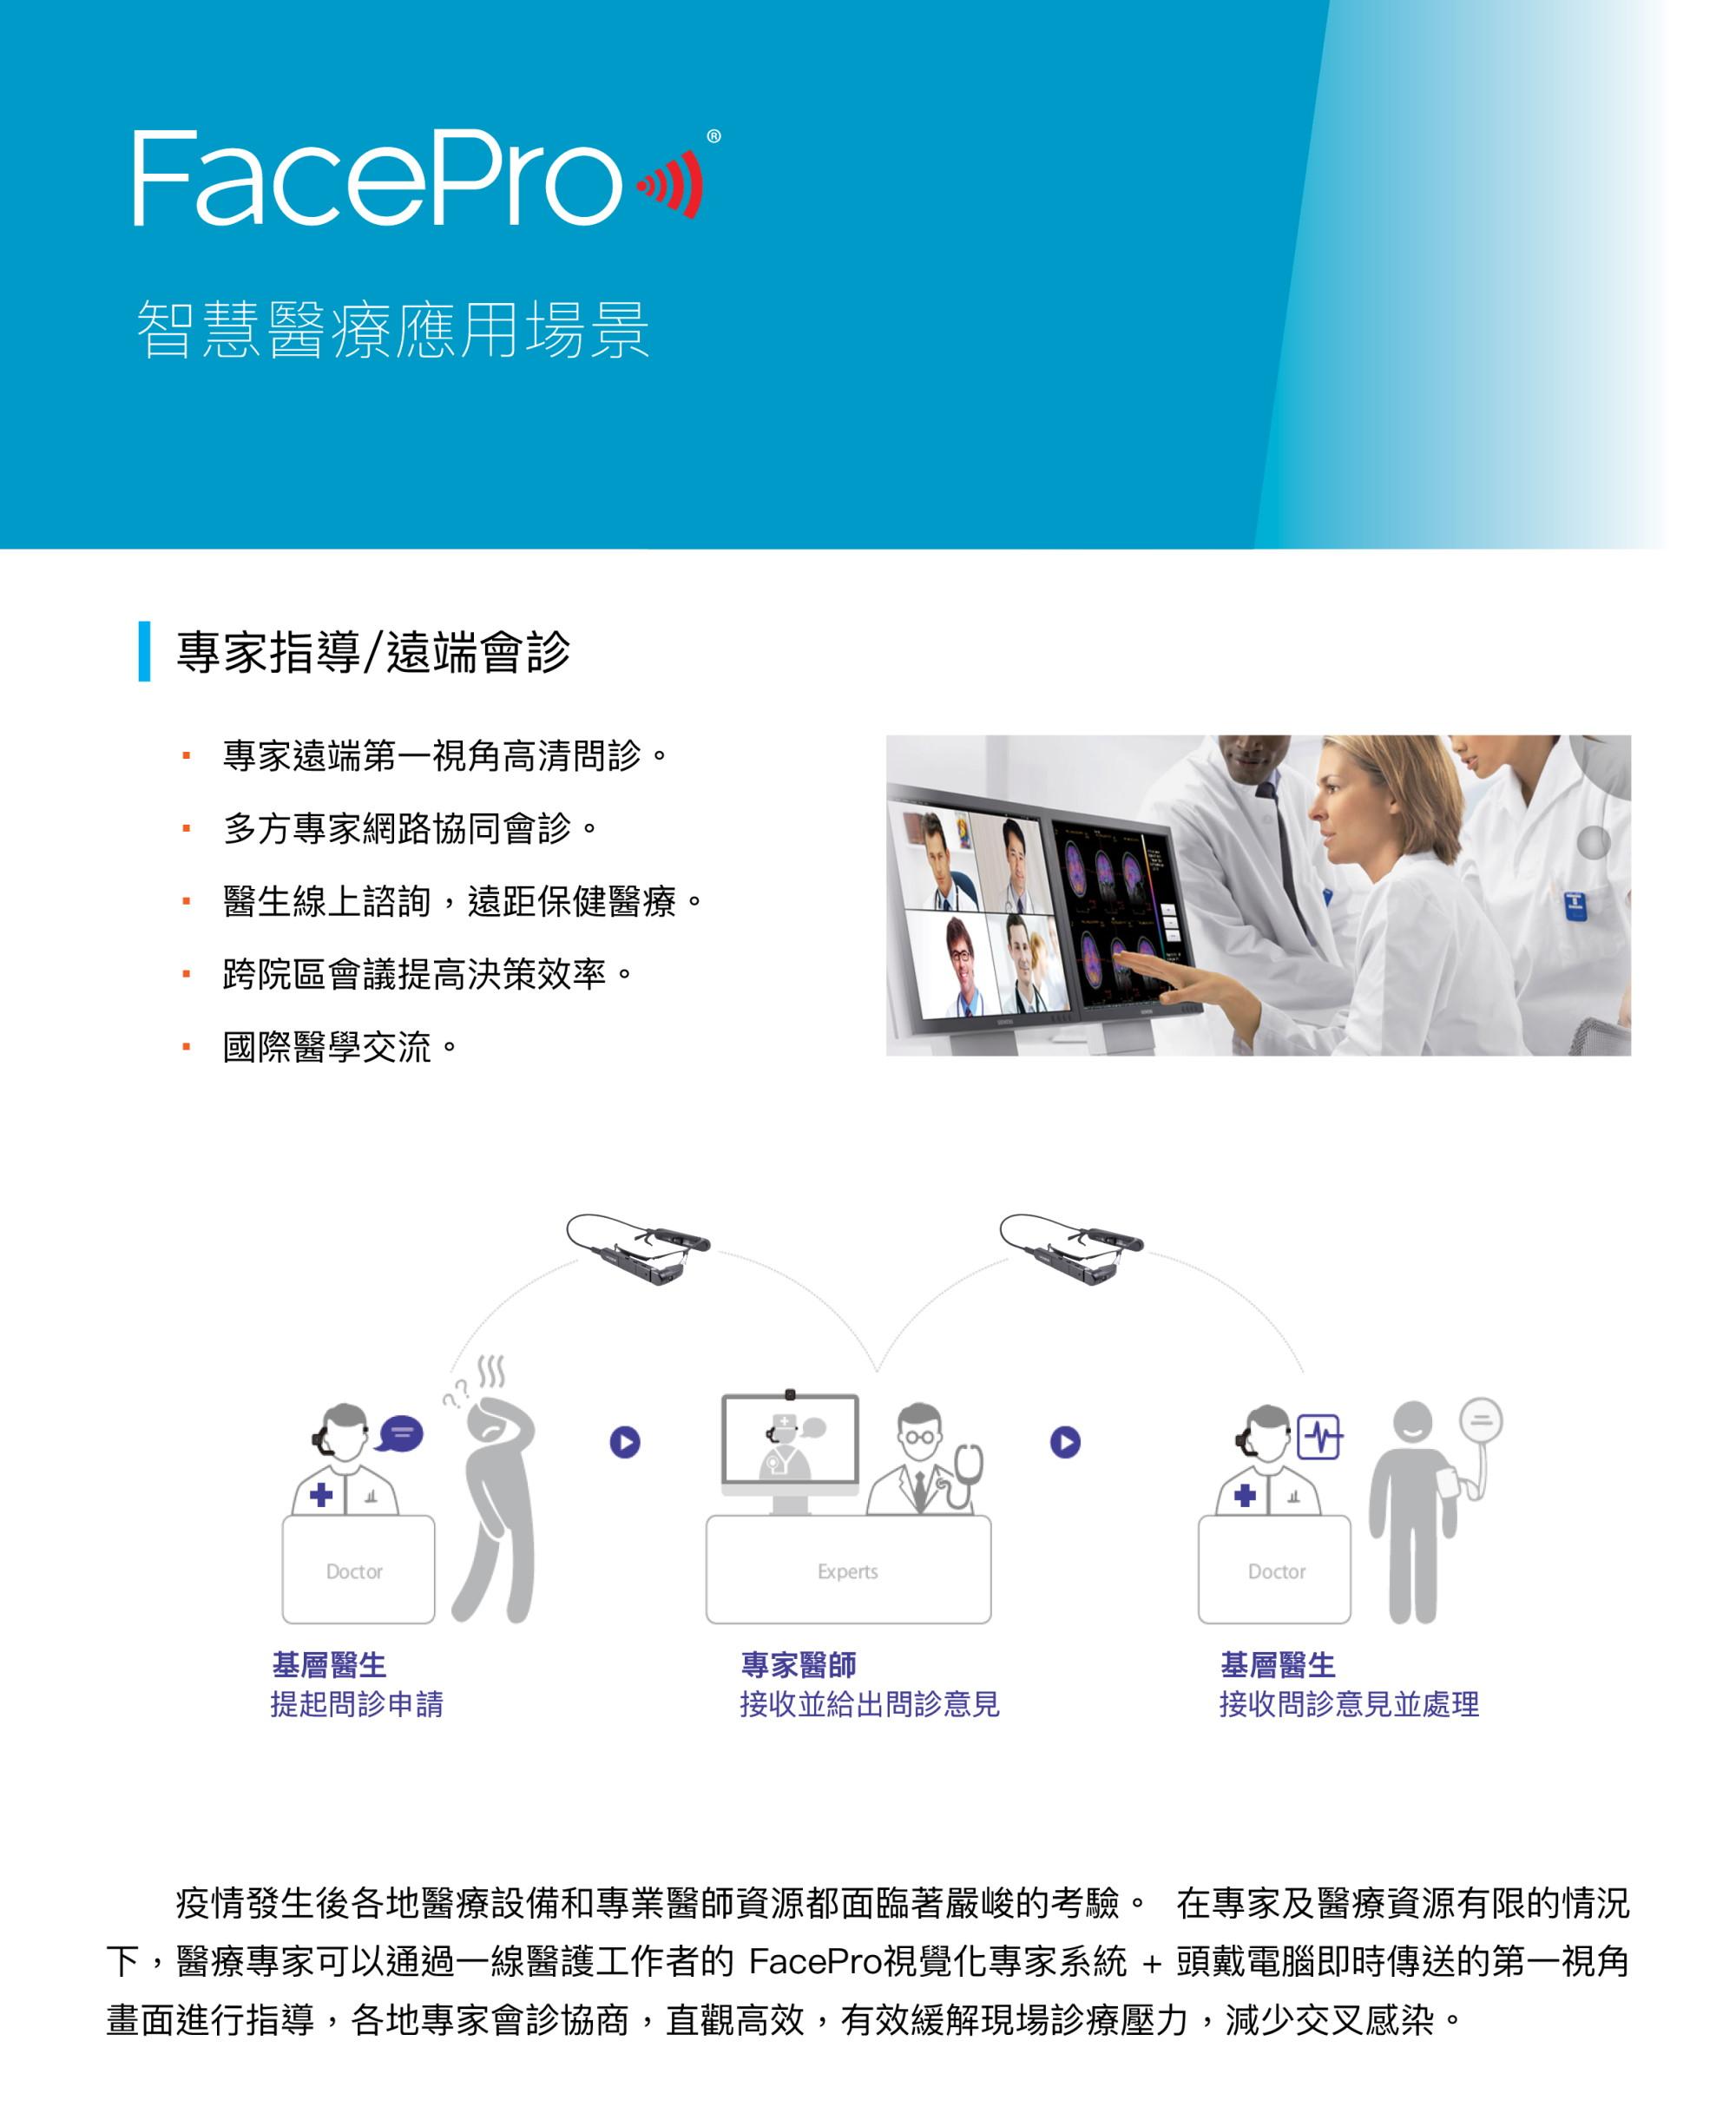 FacePro Xpert 遠程醫療系統